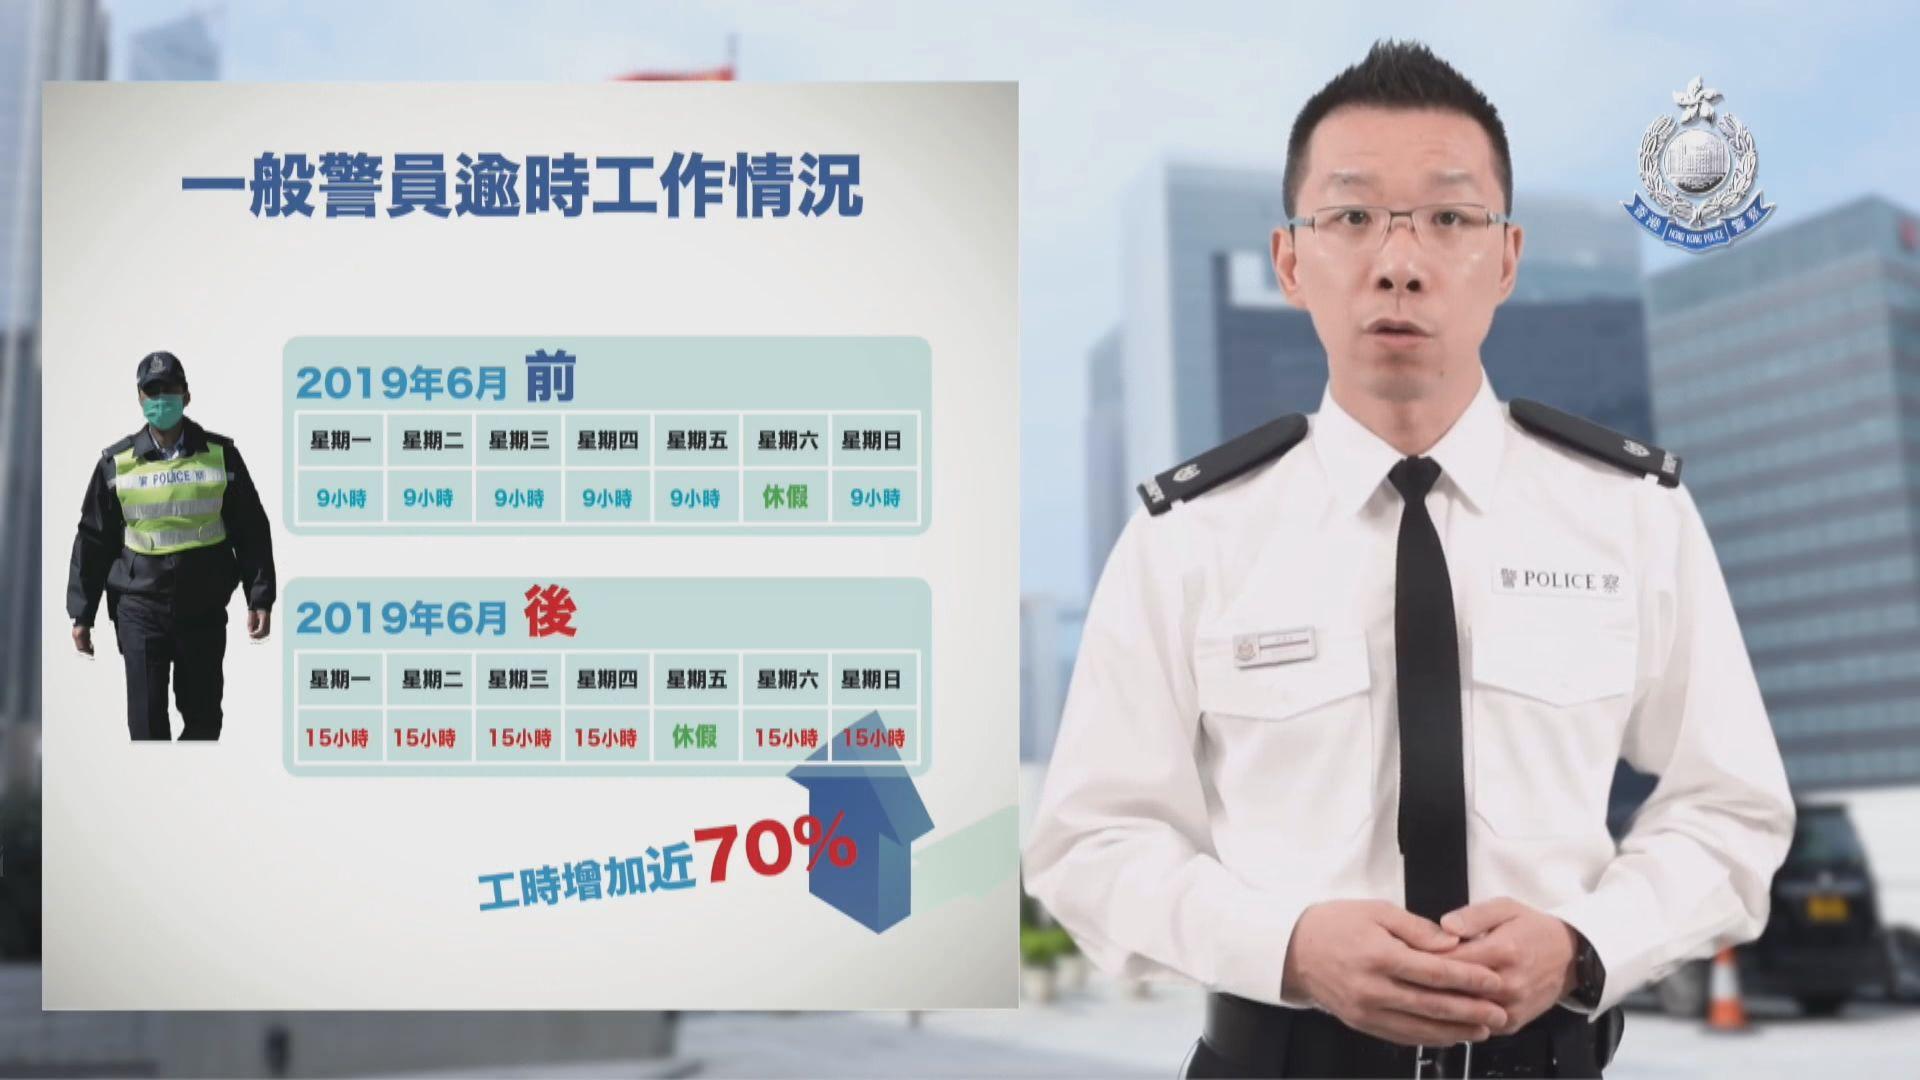 警方 : 大部分新增預算支付過去逾時工作津貼